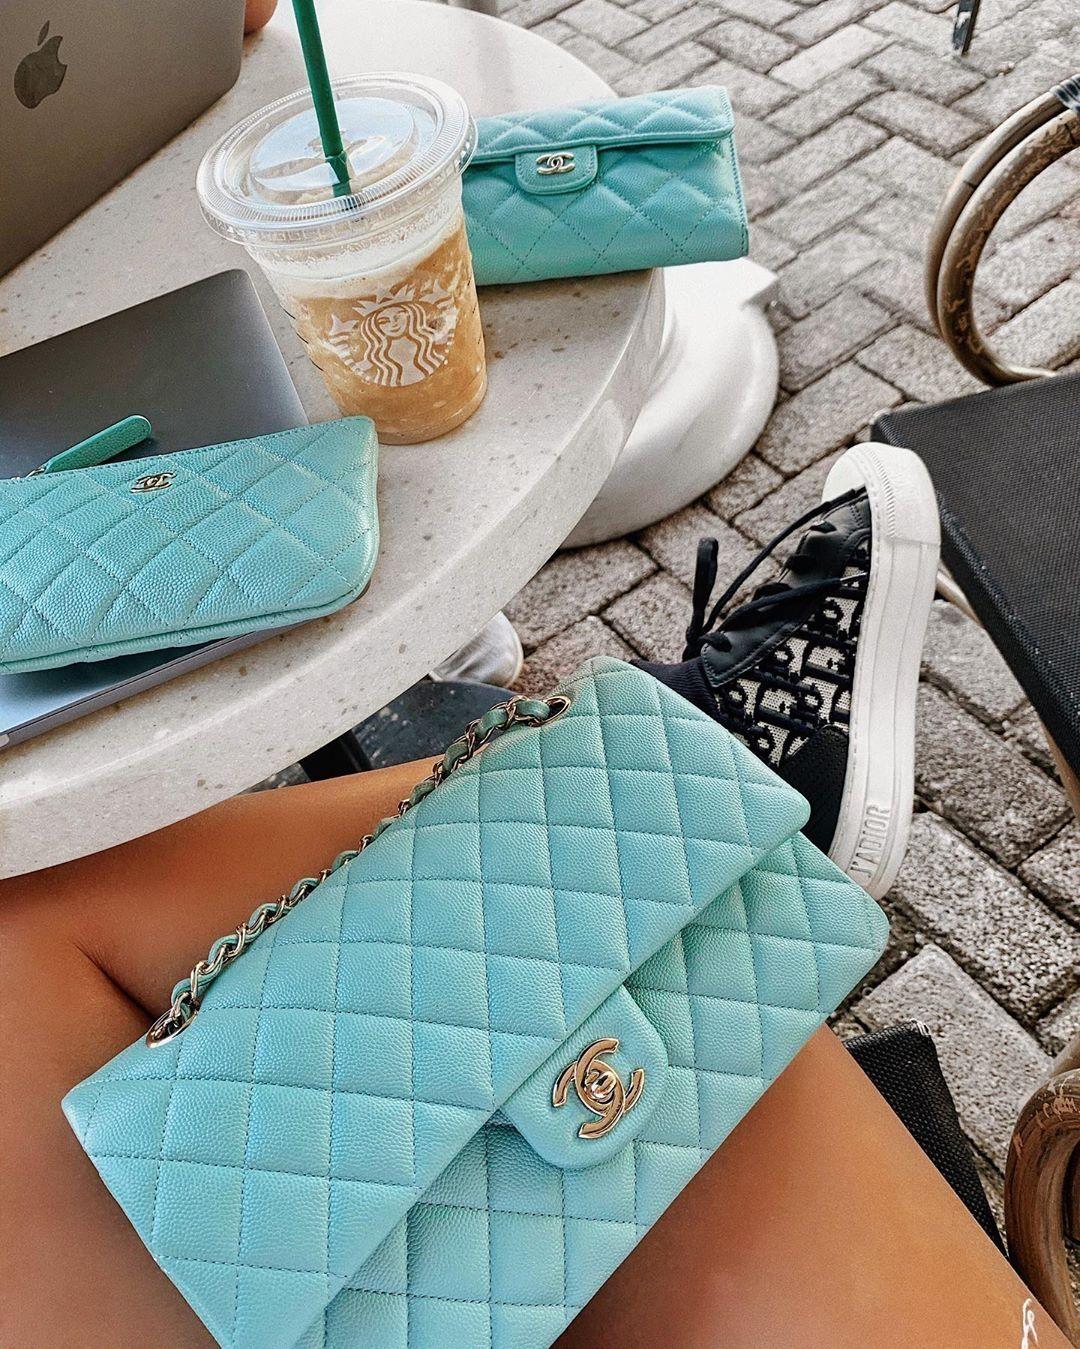 High Quality Replica Handbags Best Fake Designer Bags Fake Designer Bags Bags Designer Chanel Bag